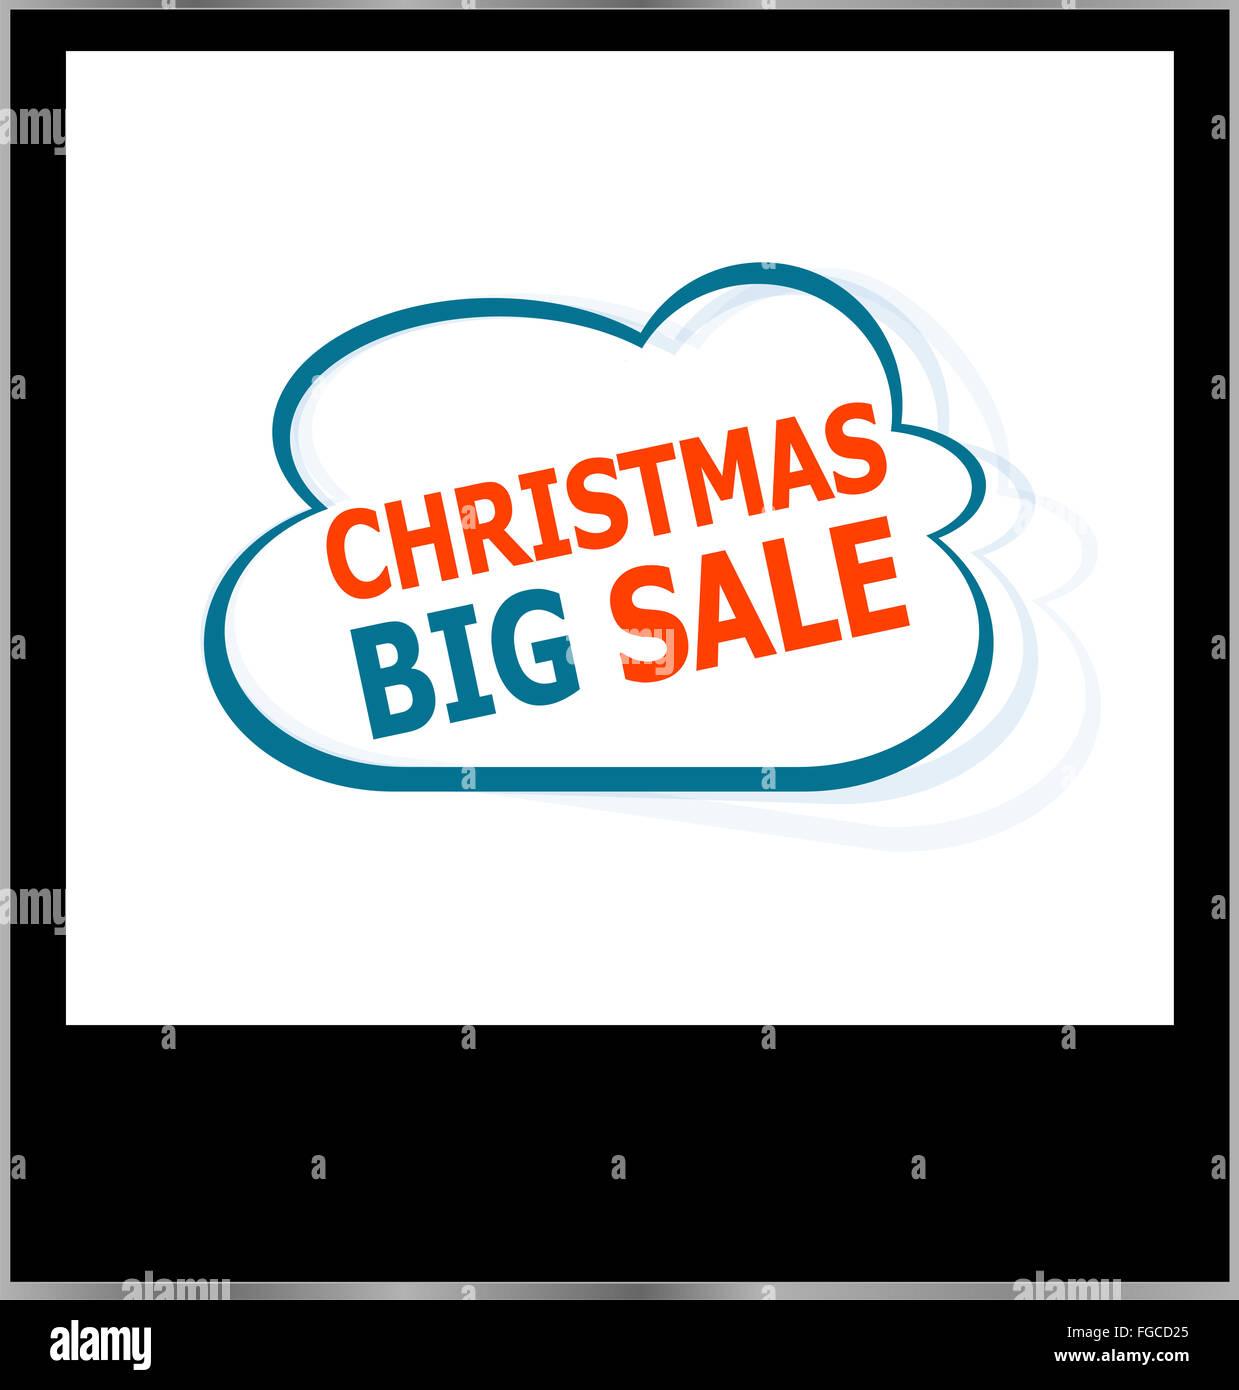 Weihnachten große Verkauf Word cloud auf Bilderrahmen, isoliert ...